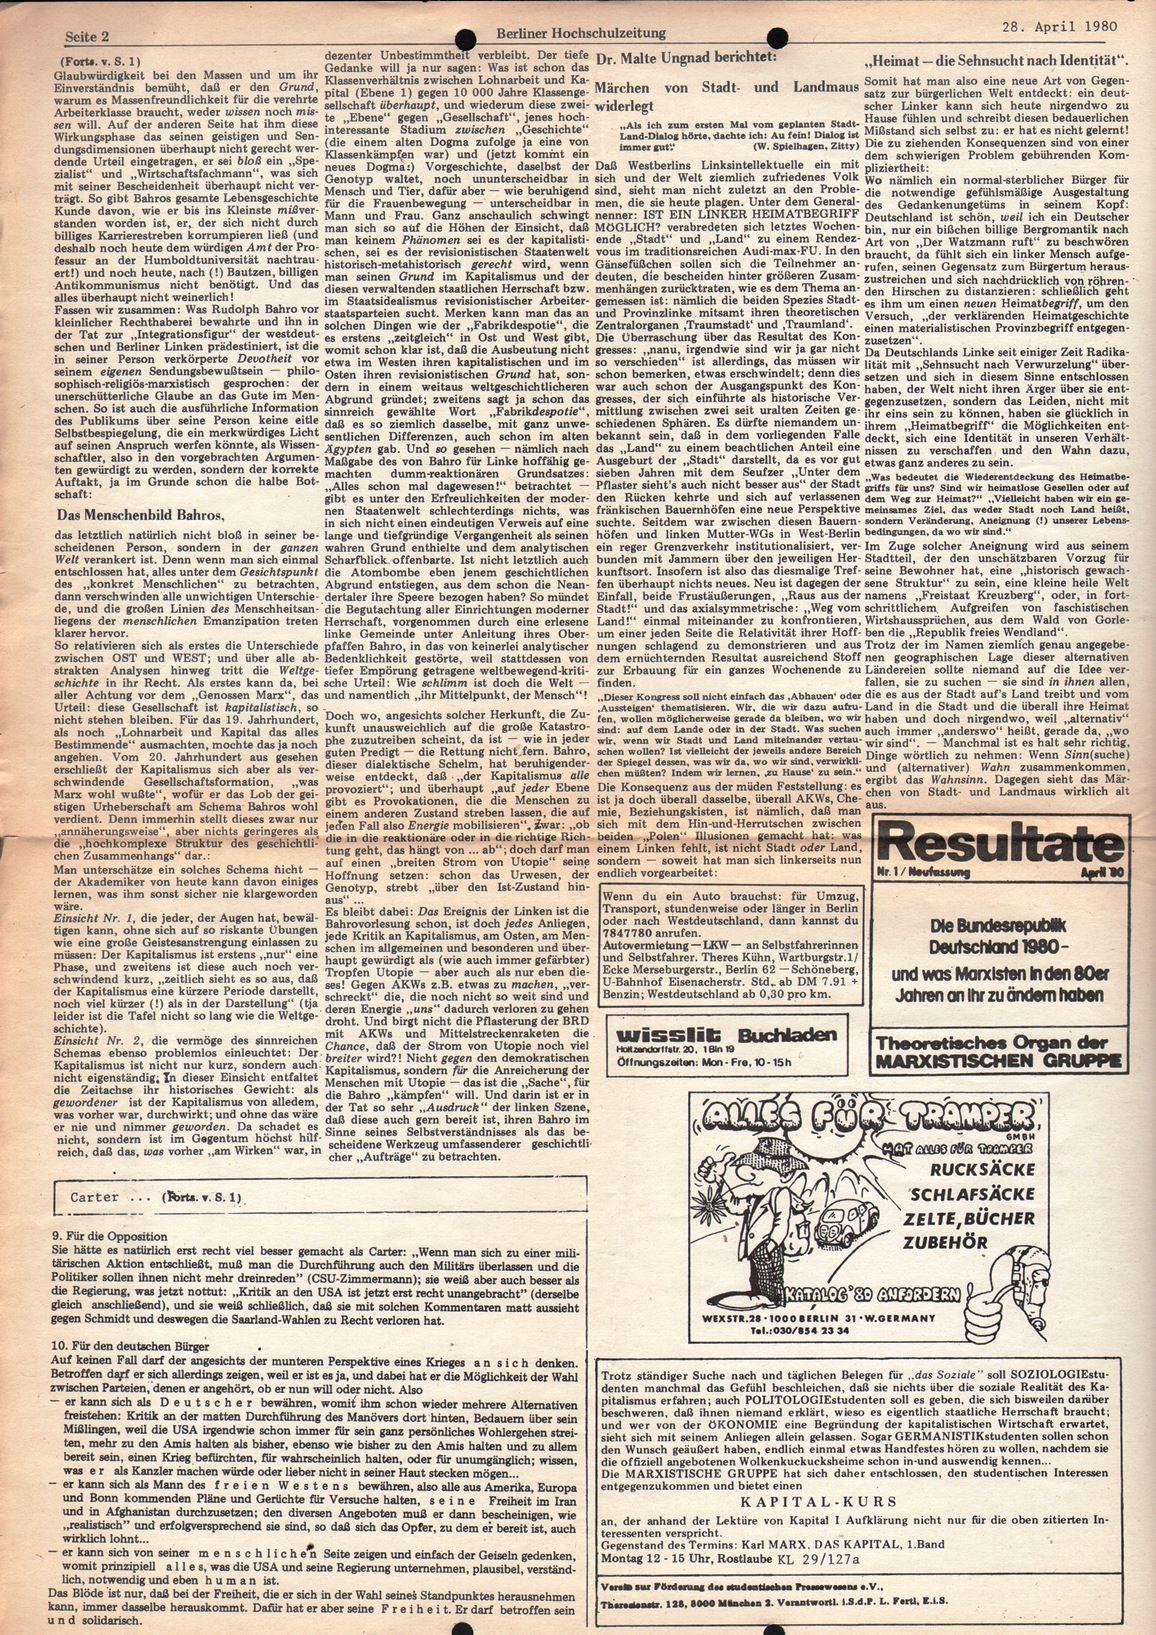 Berlin_MG_Hochschulzeitung_19800428_02